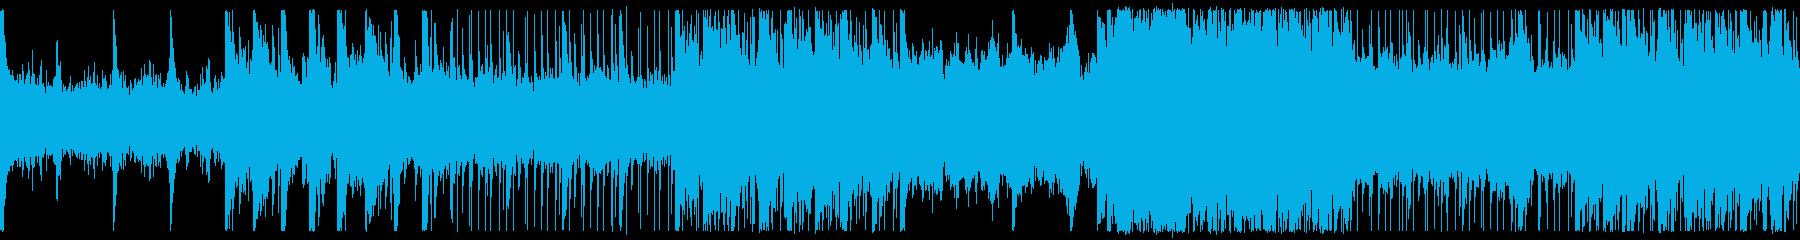 蜃気楼の再生済みの波形